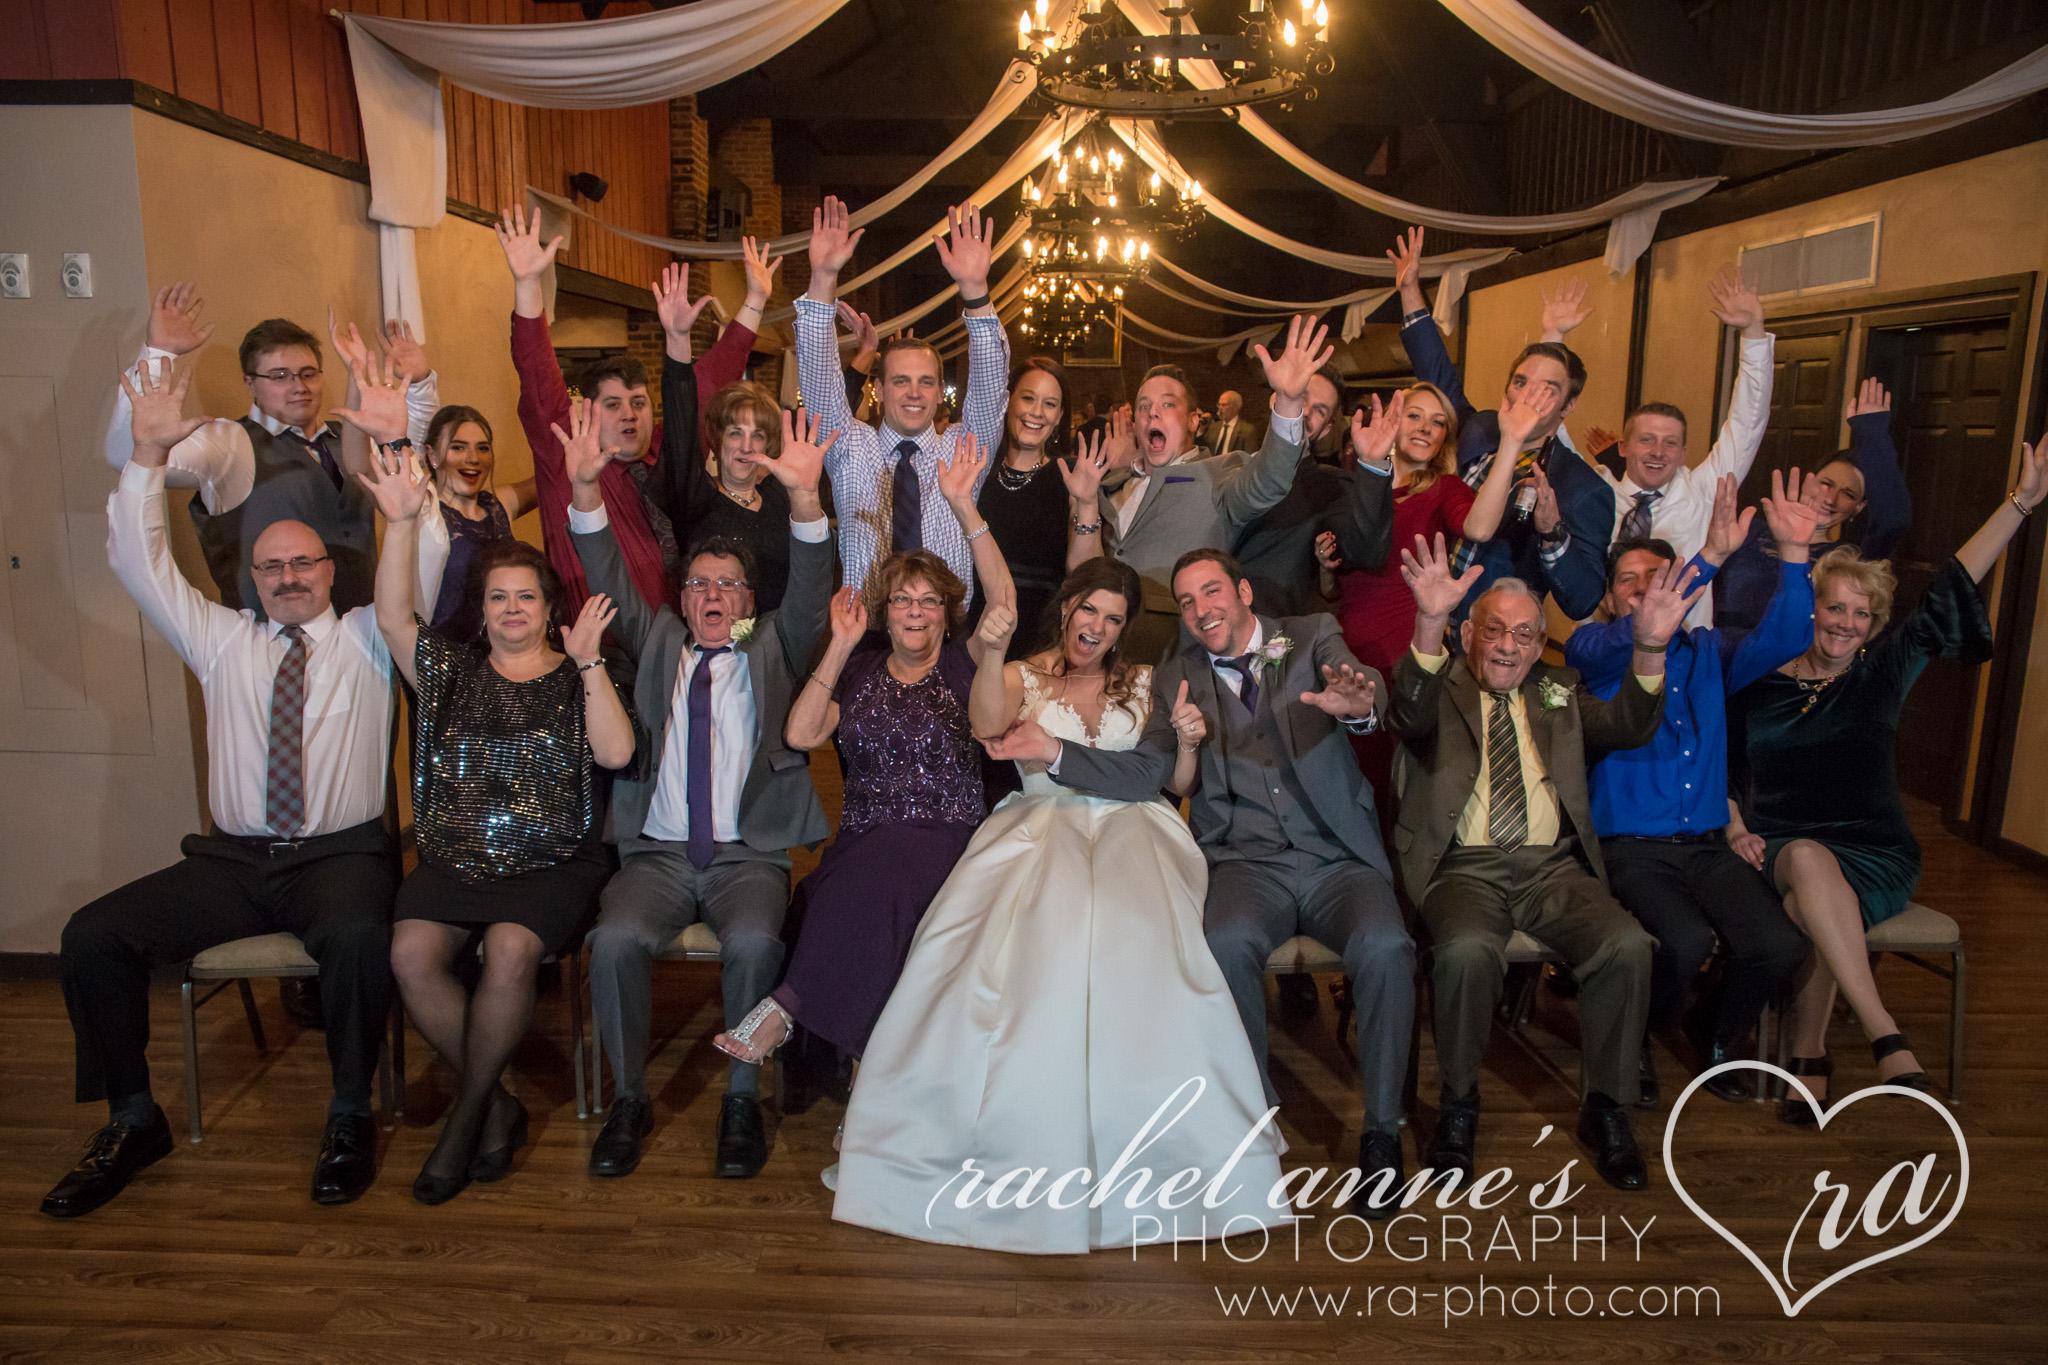 103-CAP-CURWENSVILLE-PA-TREASURE-LAKEVIEW-LODGE-WEDDINGS.jpg